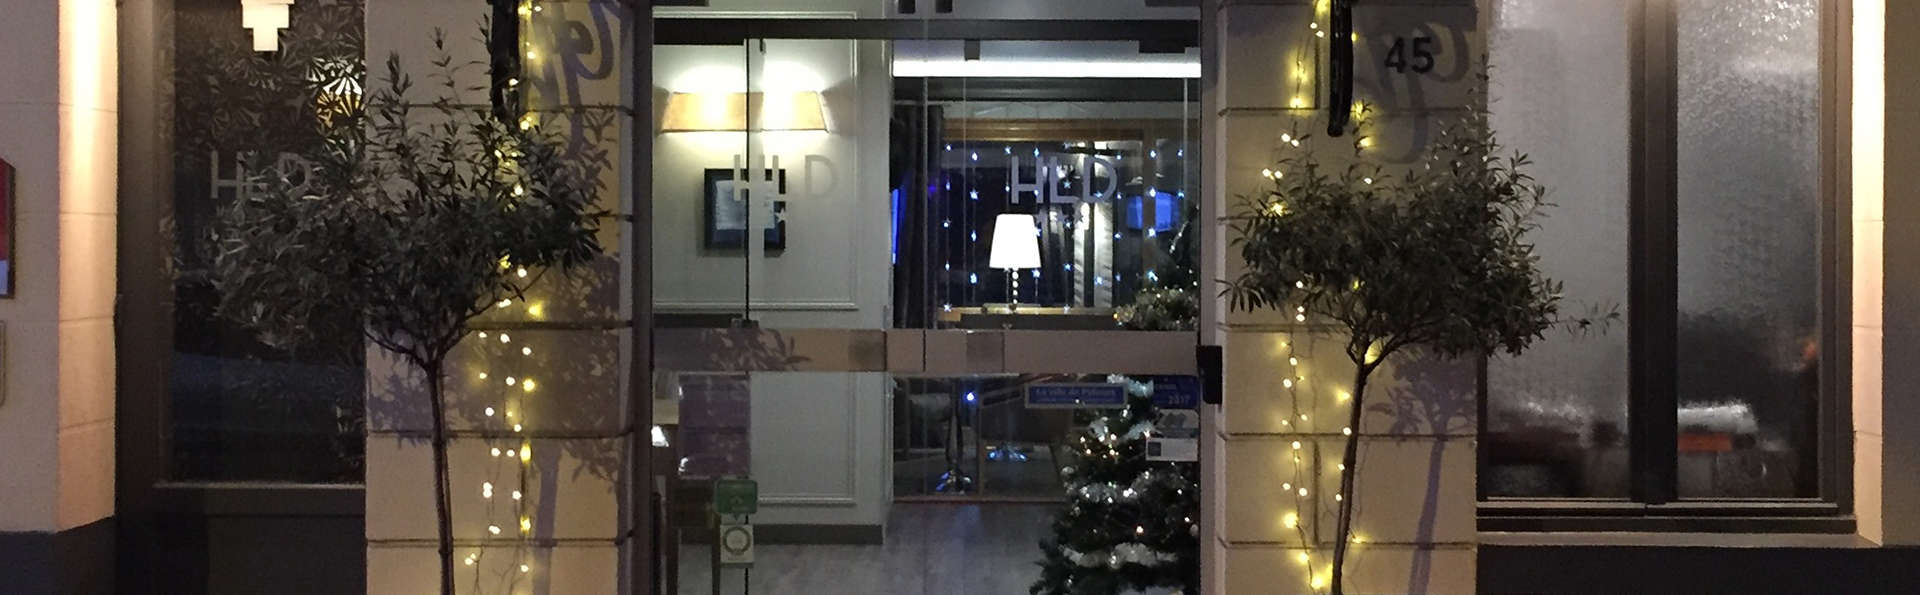 Hôtel le Dauphin  - EDIT_NEW_Front2.jpg